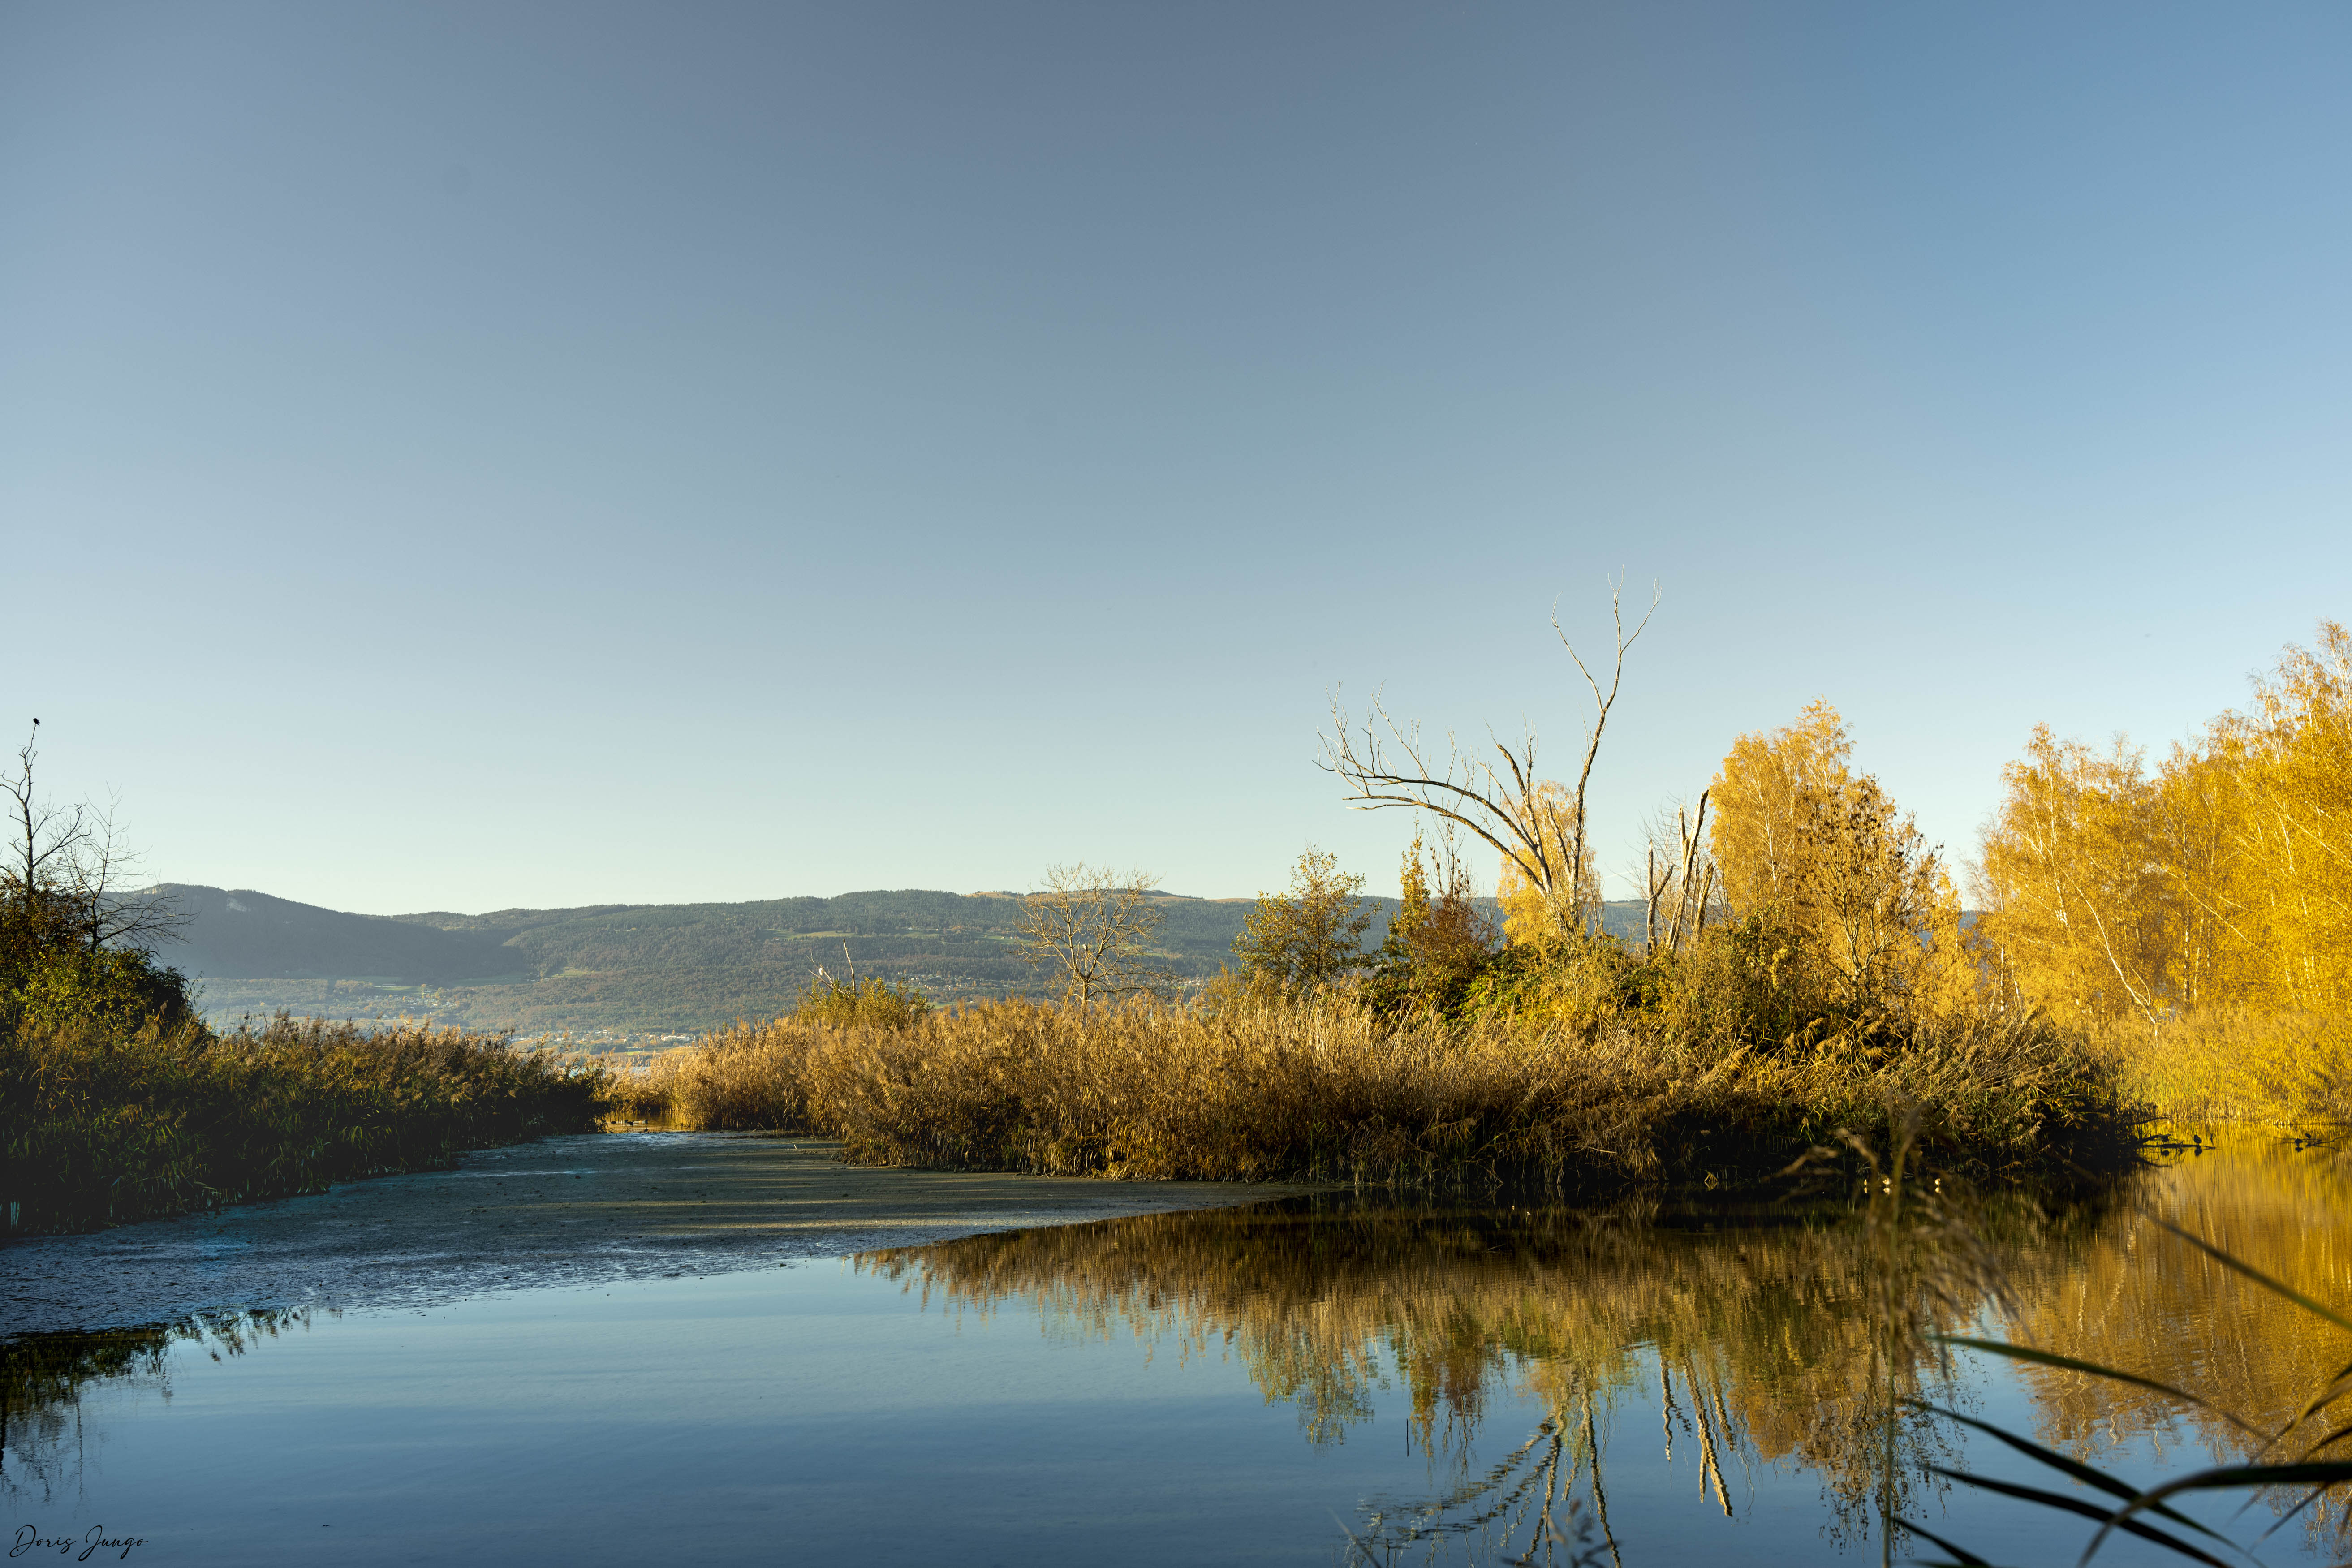 Le bord du lac de Neuchâtel